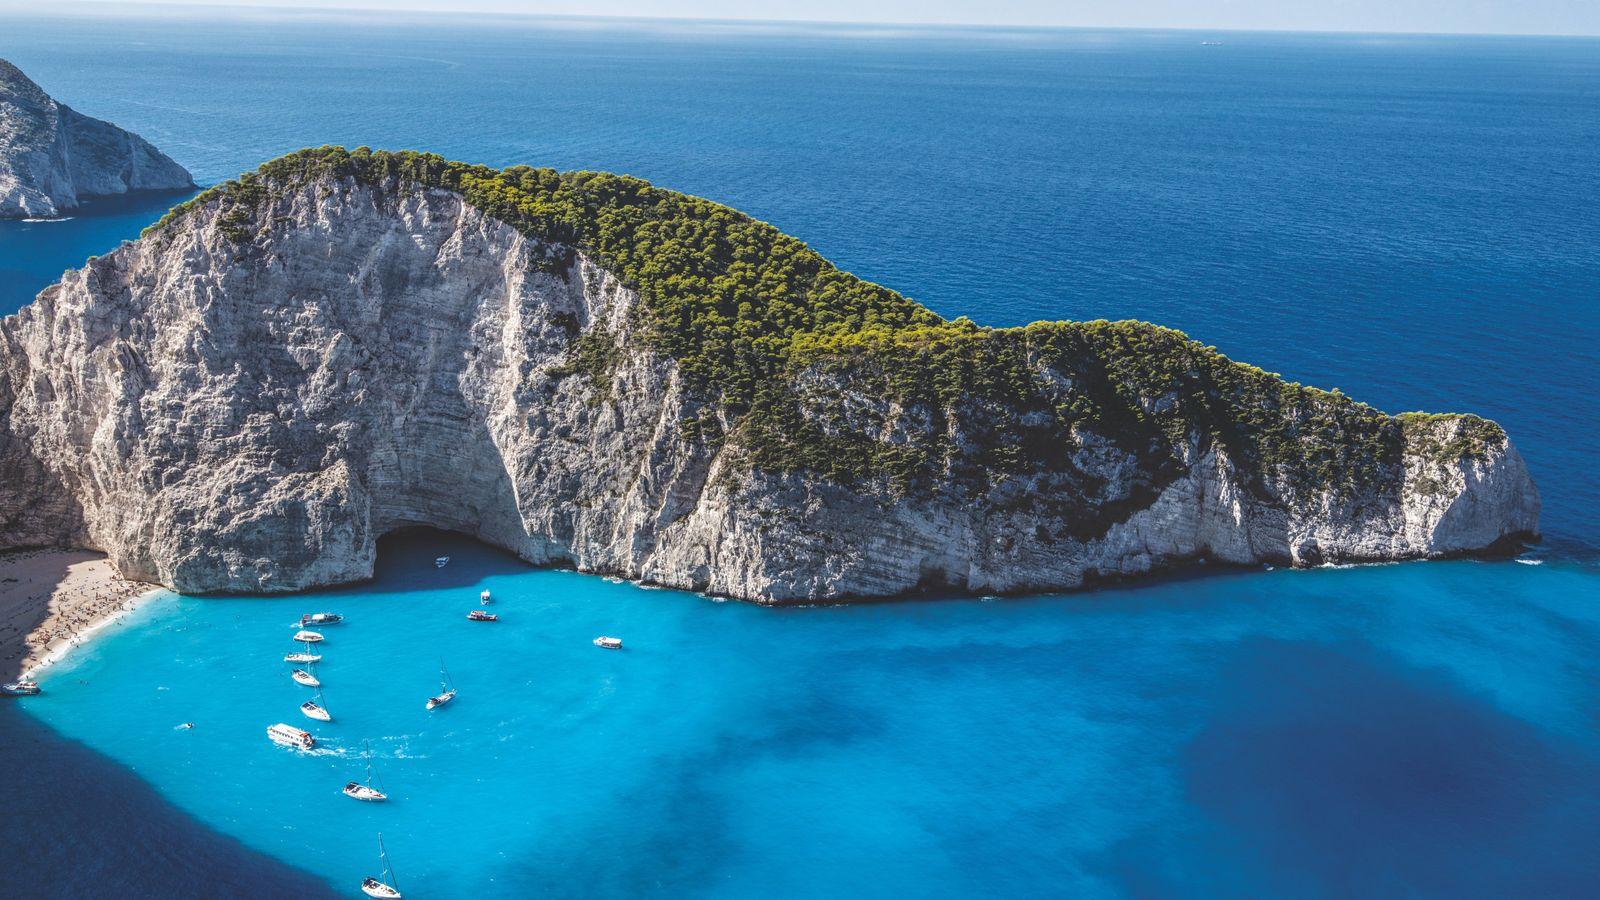 Plage de Navagio, sur l'île ionienne de Zakynthos, accessible uniquement par bateau.